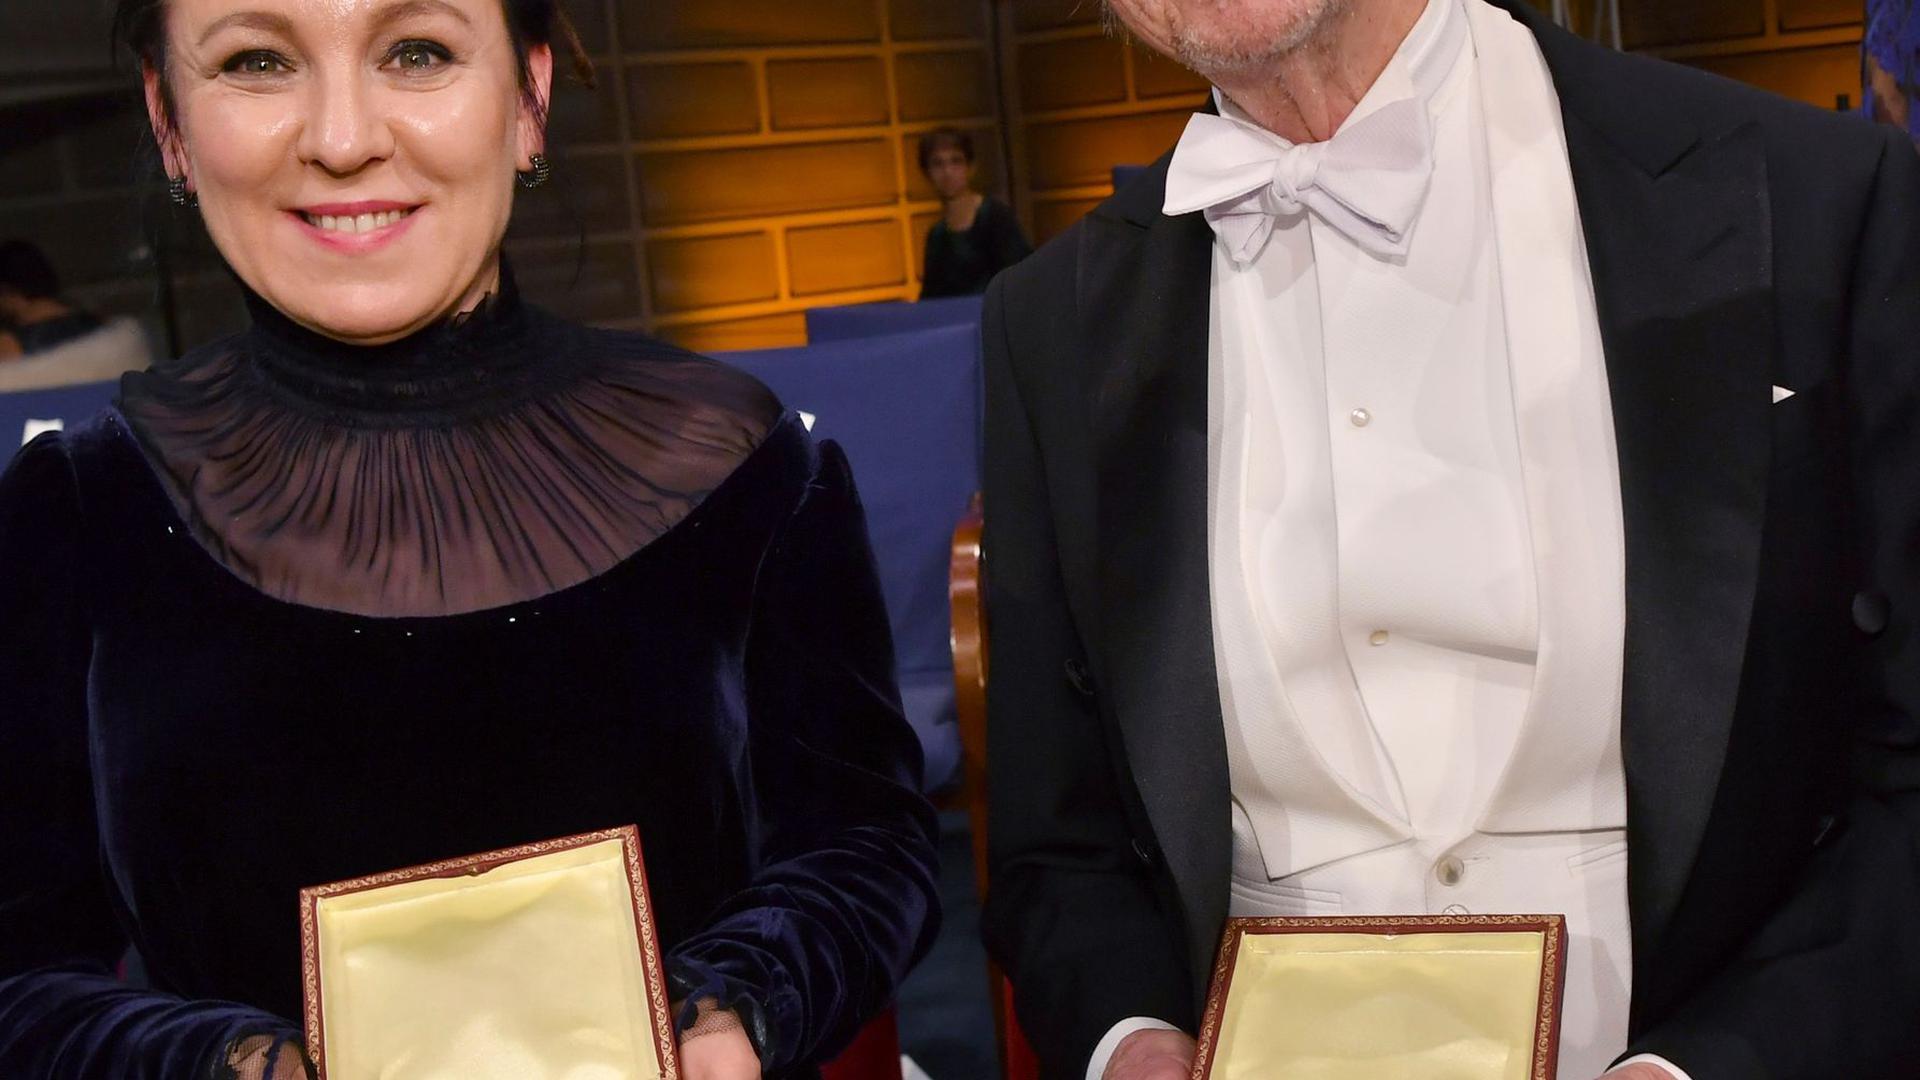 Doppelte Vergabe: Olga Tokarczuk aus Polen (l) und Peter Handke aus Österreich mit ihren Medaillen bei der Nobelpreisverleihung.